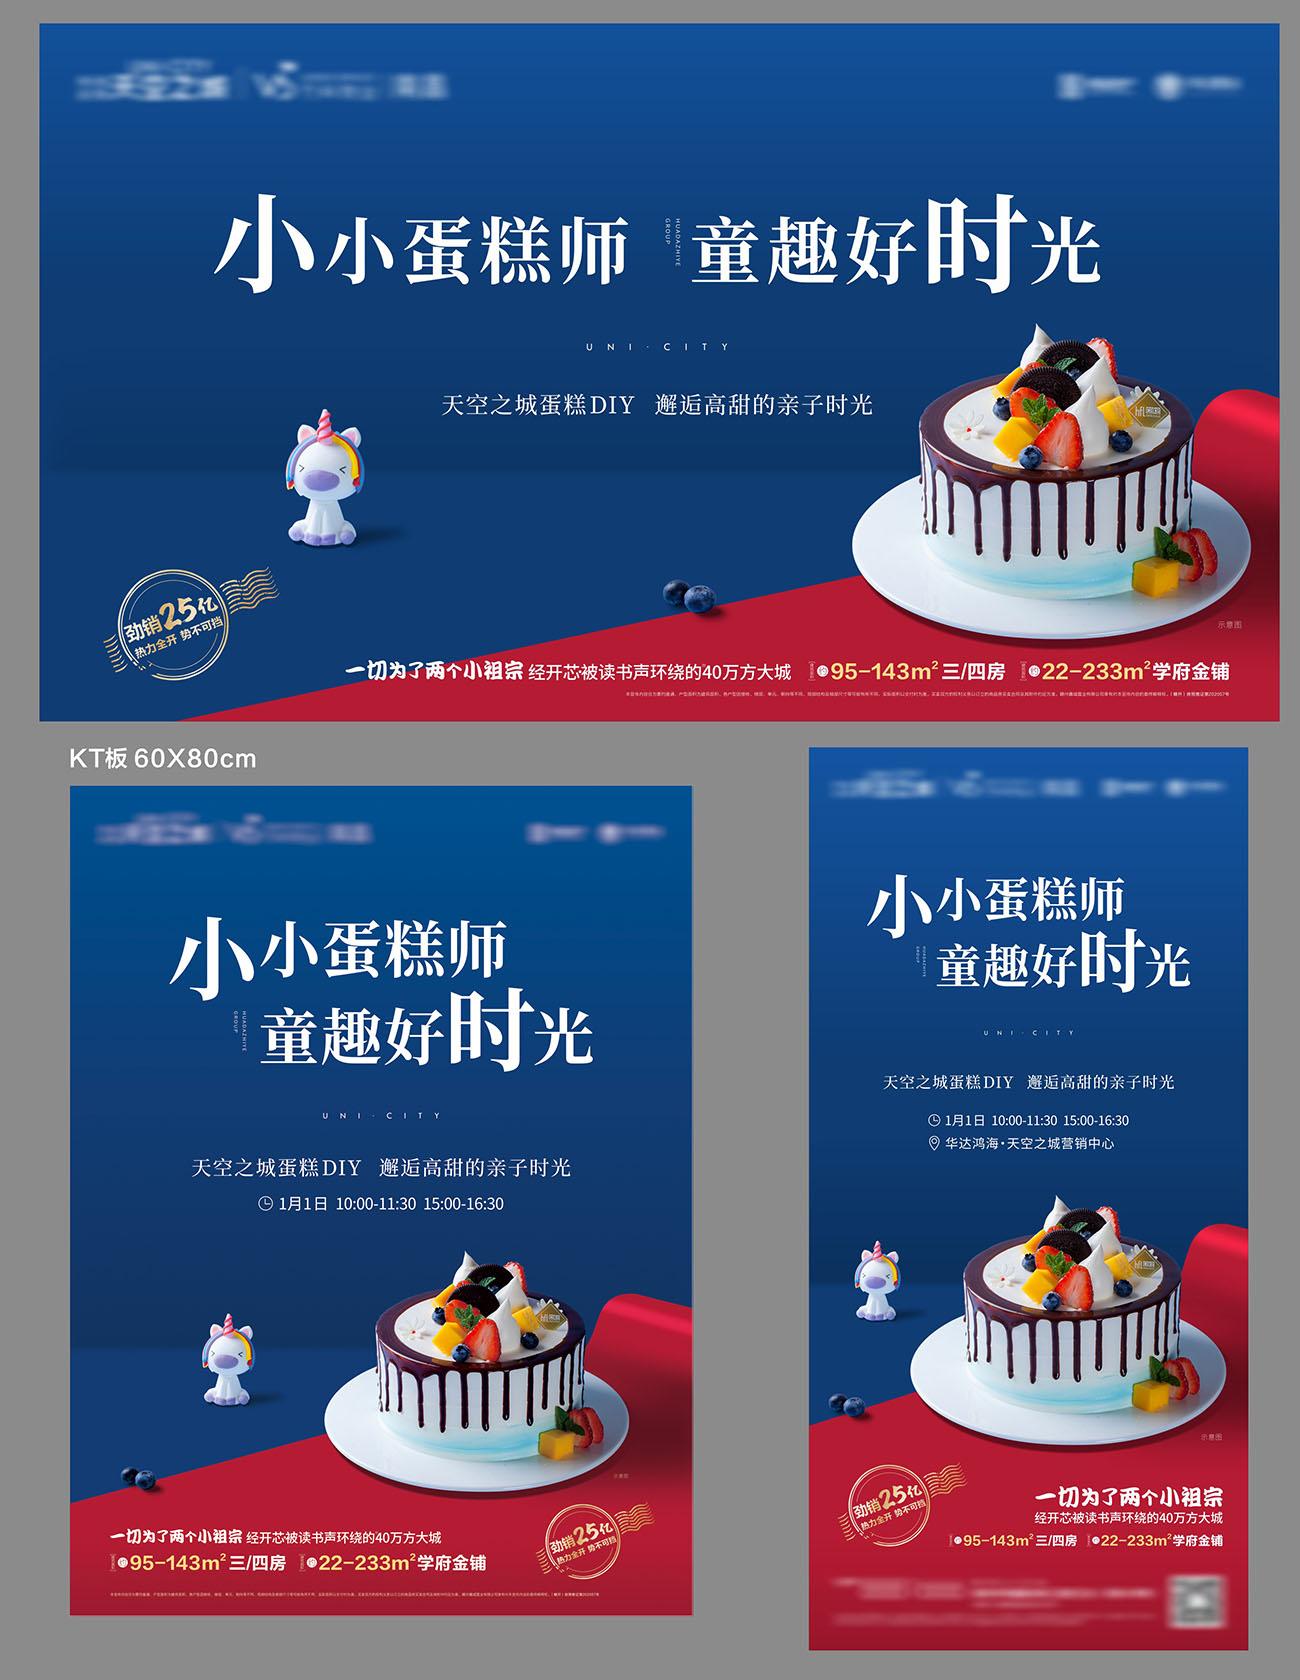 地产蛋糕DIY暖场活动宣传物料桁架CDR源文件插图